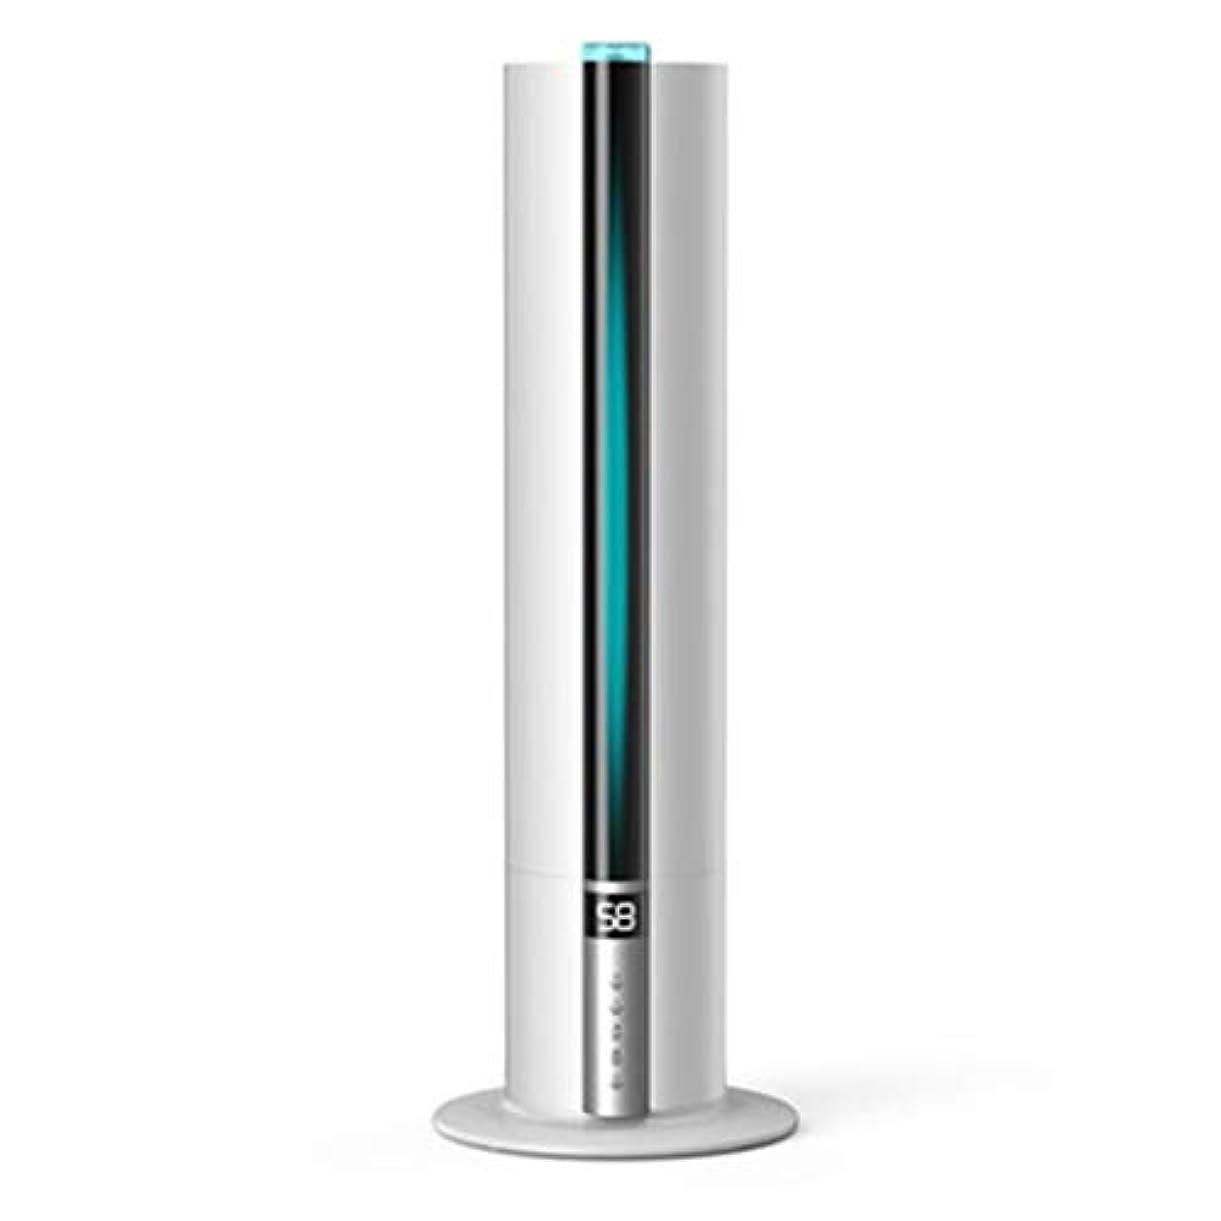 迷彩飼いならす材料超音波クールミスト加湿器7.5L超静音インテリジェント純恒湿、ウォーターレスオートオフ超静音(色:黒) (Color : White)